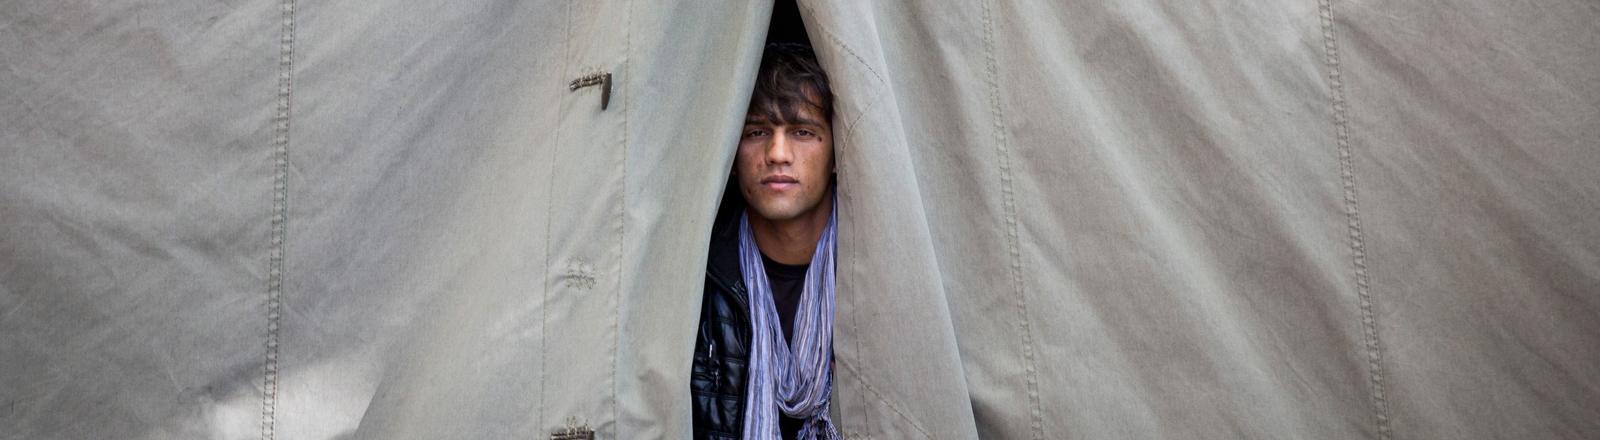 Ein Flüchtling schaut am 12.10.2015 bei Temperaturen um den Gefrierpunkt in Berlin in der Kruppstraße aus einem beheizten Zelt.